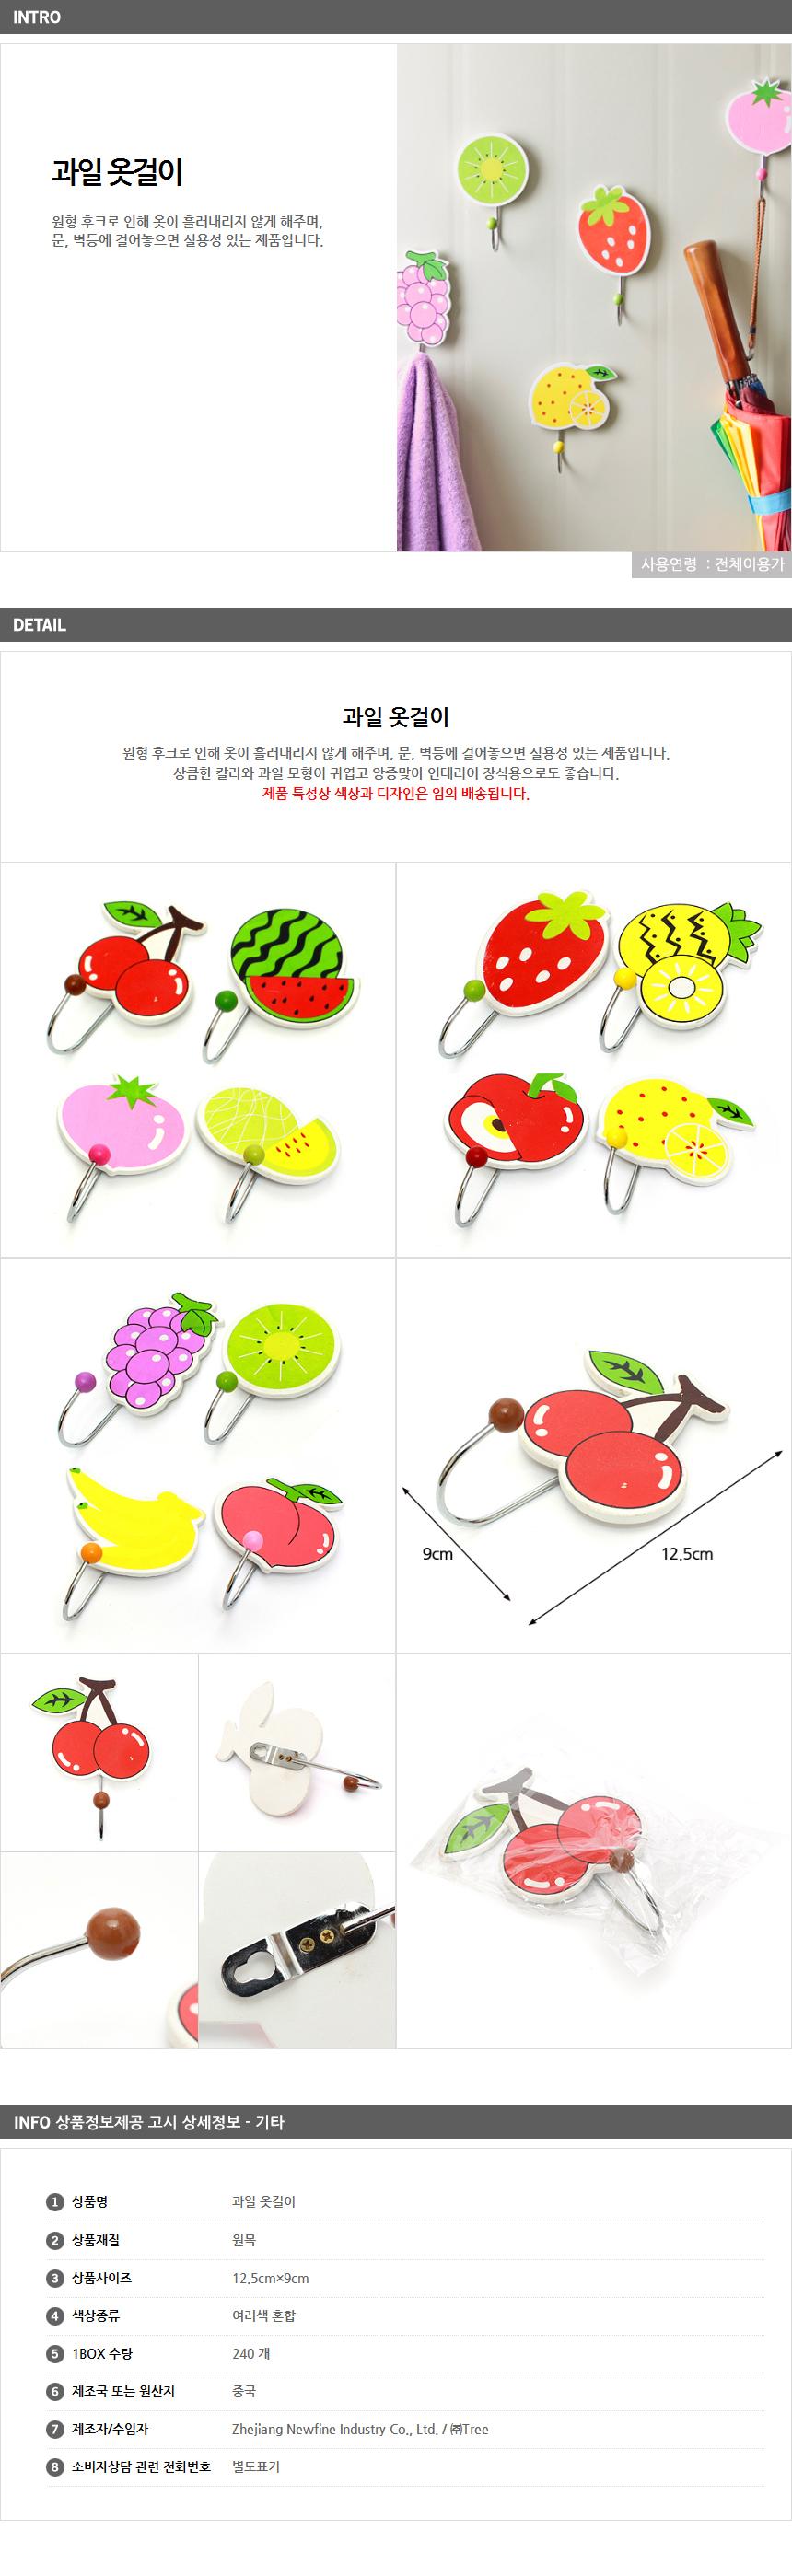 과일 옷걸이 - 기프트갓, 1,080원, 행거/드레스룸/옷걸이, 옷걸이/플라스틱